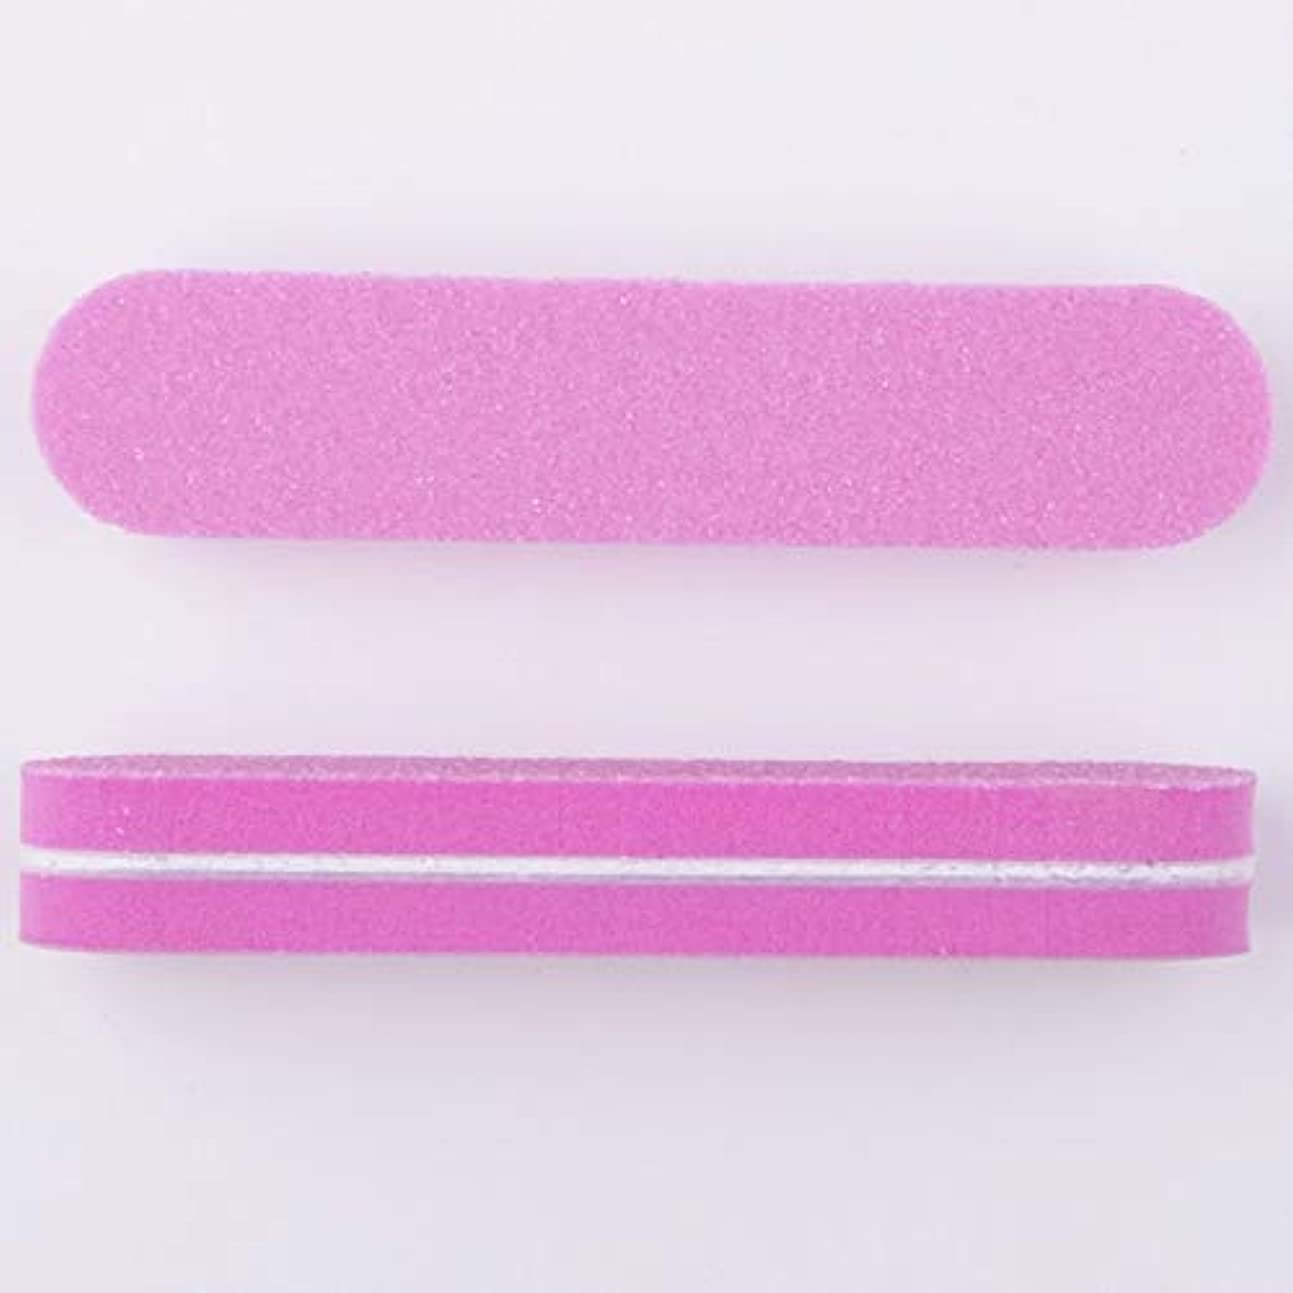 粘液公園生き物ネイルファイル スポンジ製 両面研磨 9 * 2 * 0.12CM 40本(ピンク)